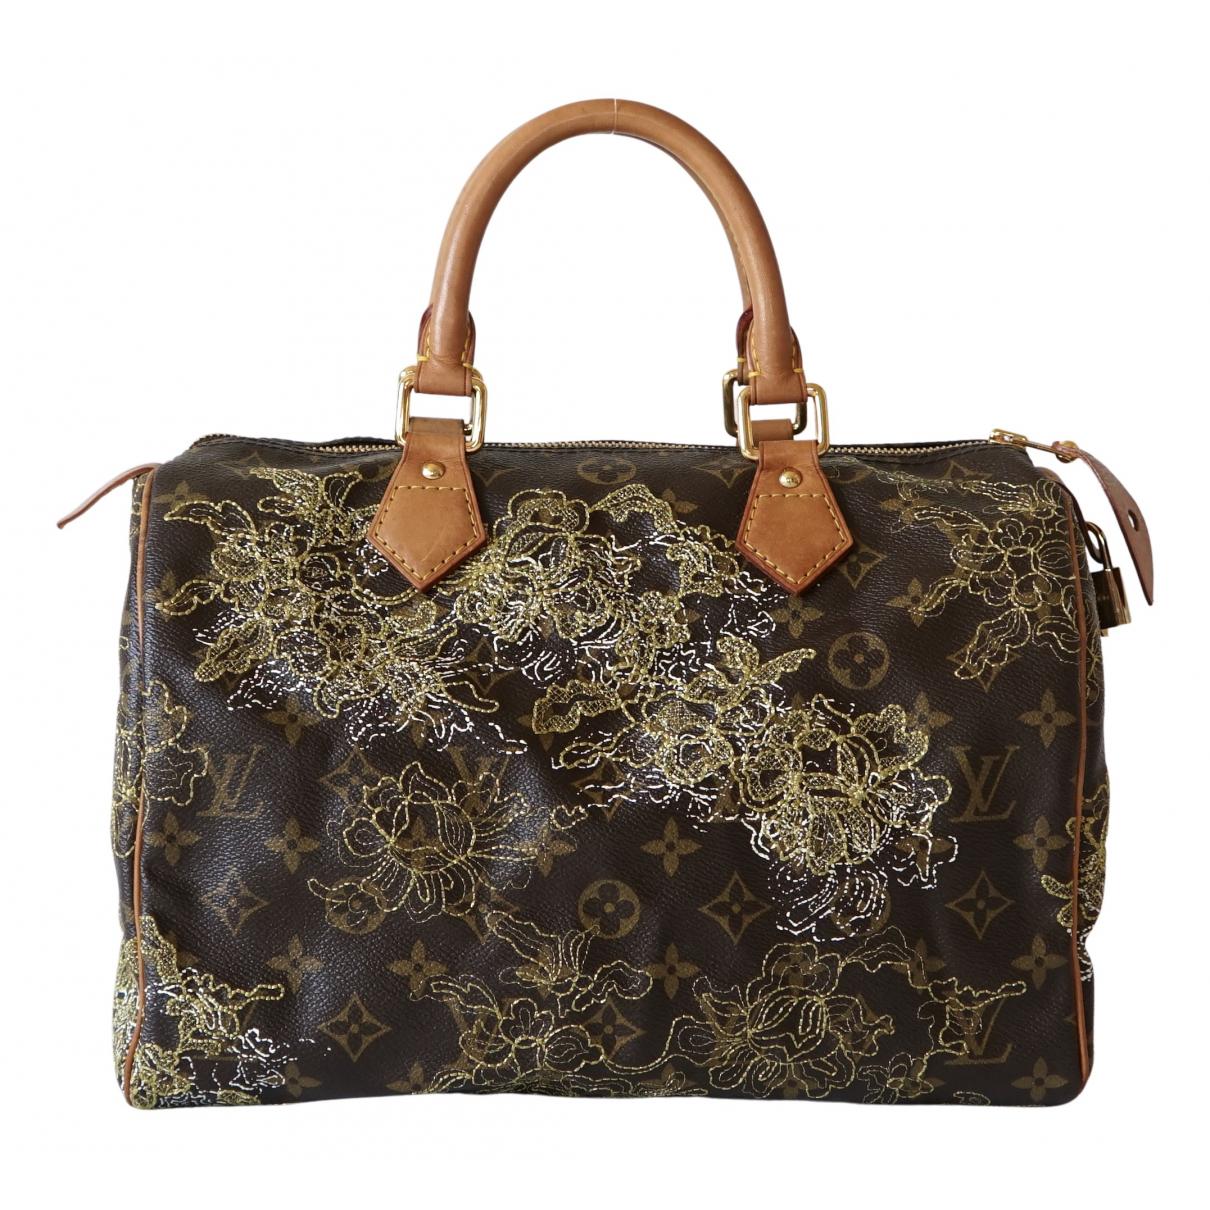 Louis Vuitton Speedy Brown Cloth handbag for Women N